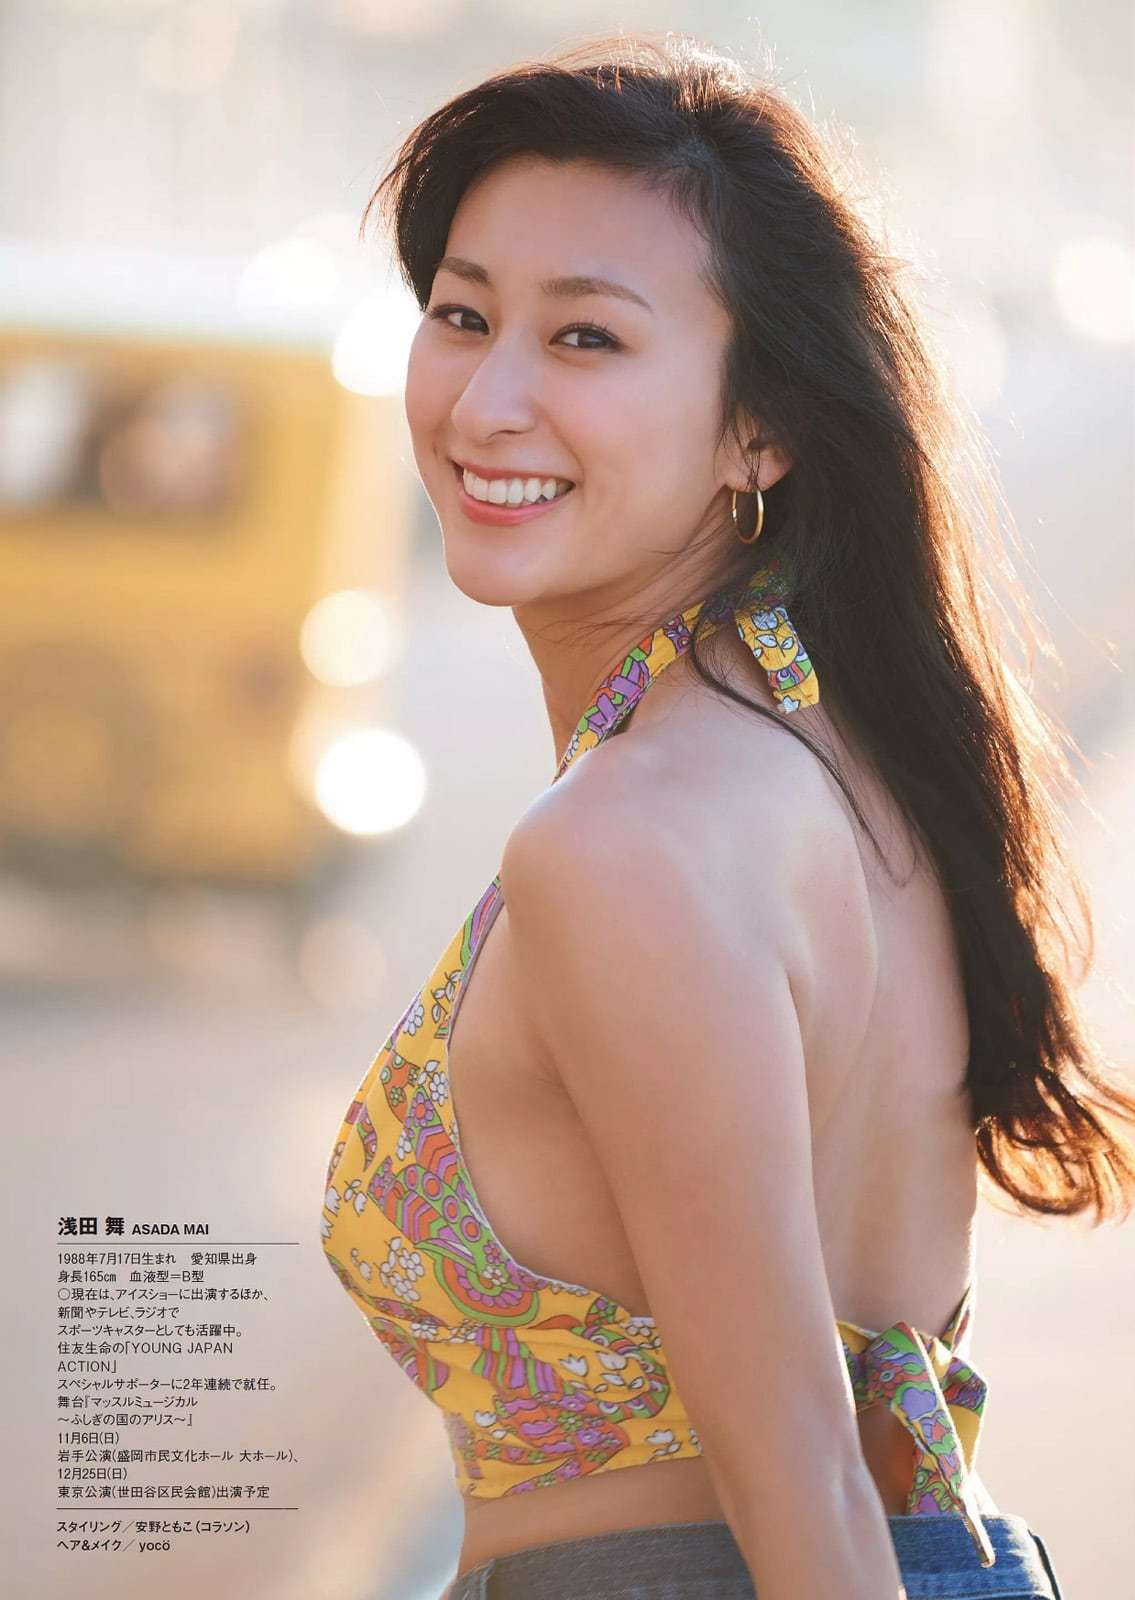 「週刊プレイボーイ 2016 No.46」浅田舞の着衣横乳グラビア